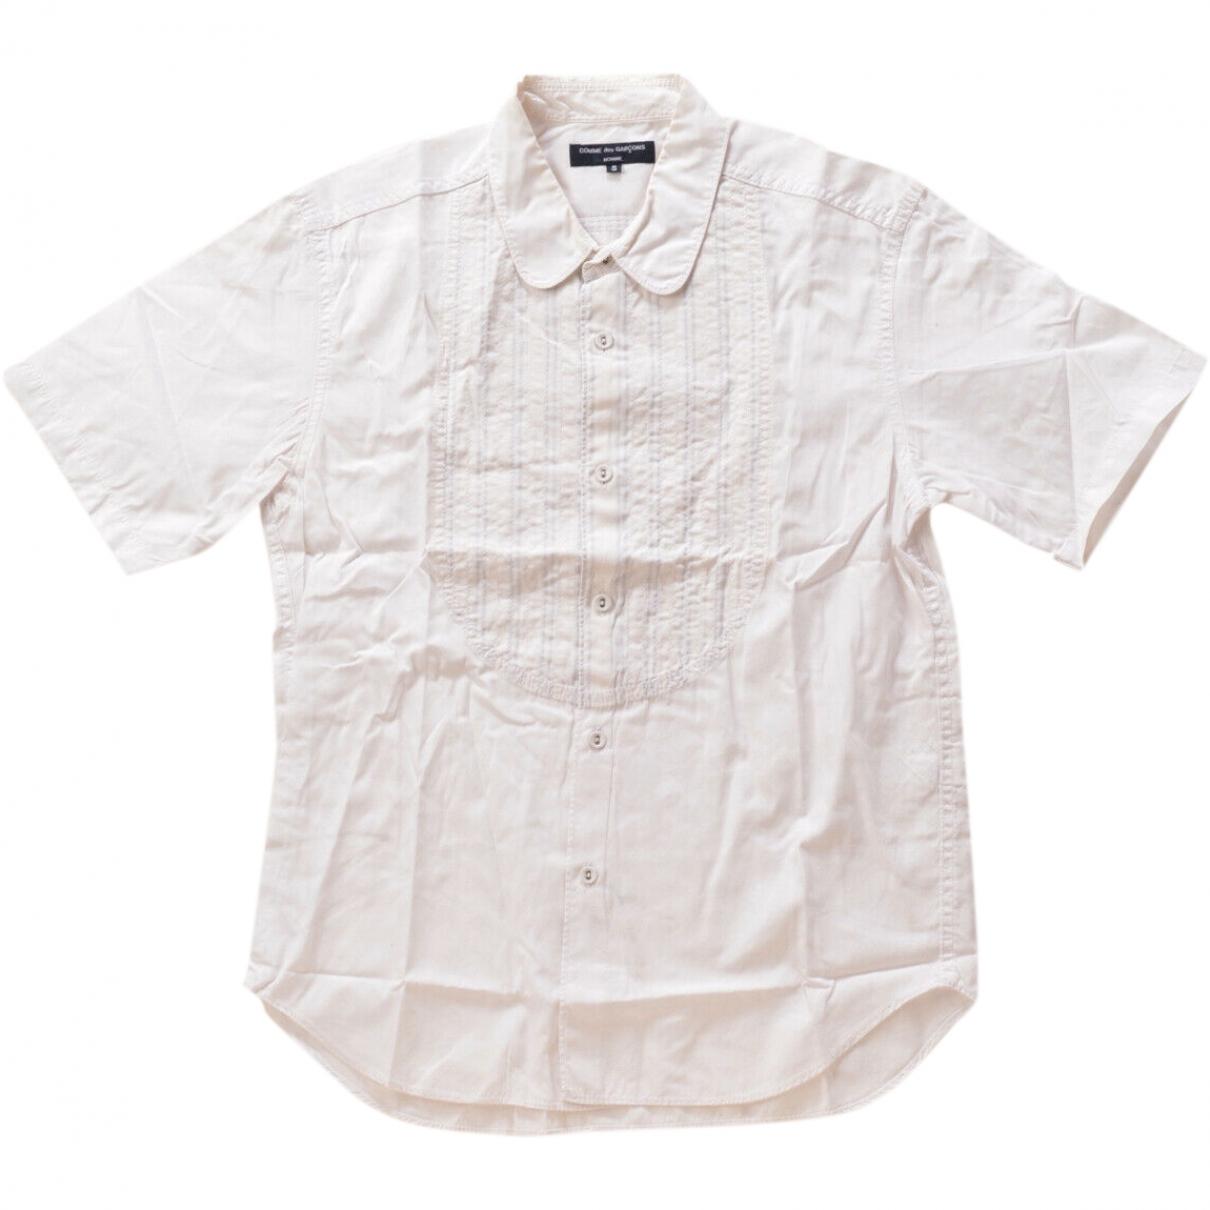 Comme Des Garcons \N Hemden in  Weiss Baumwolle